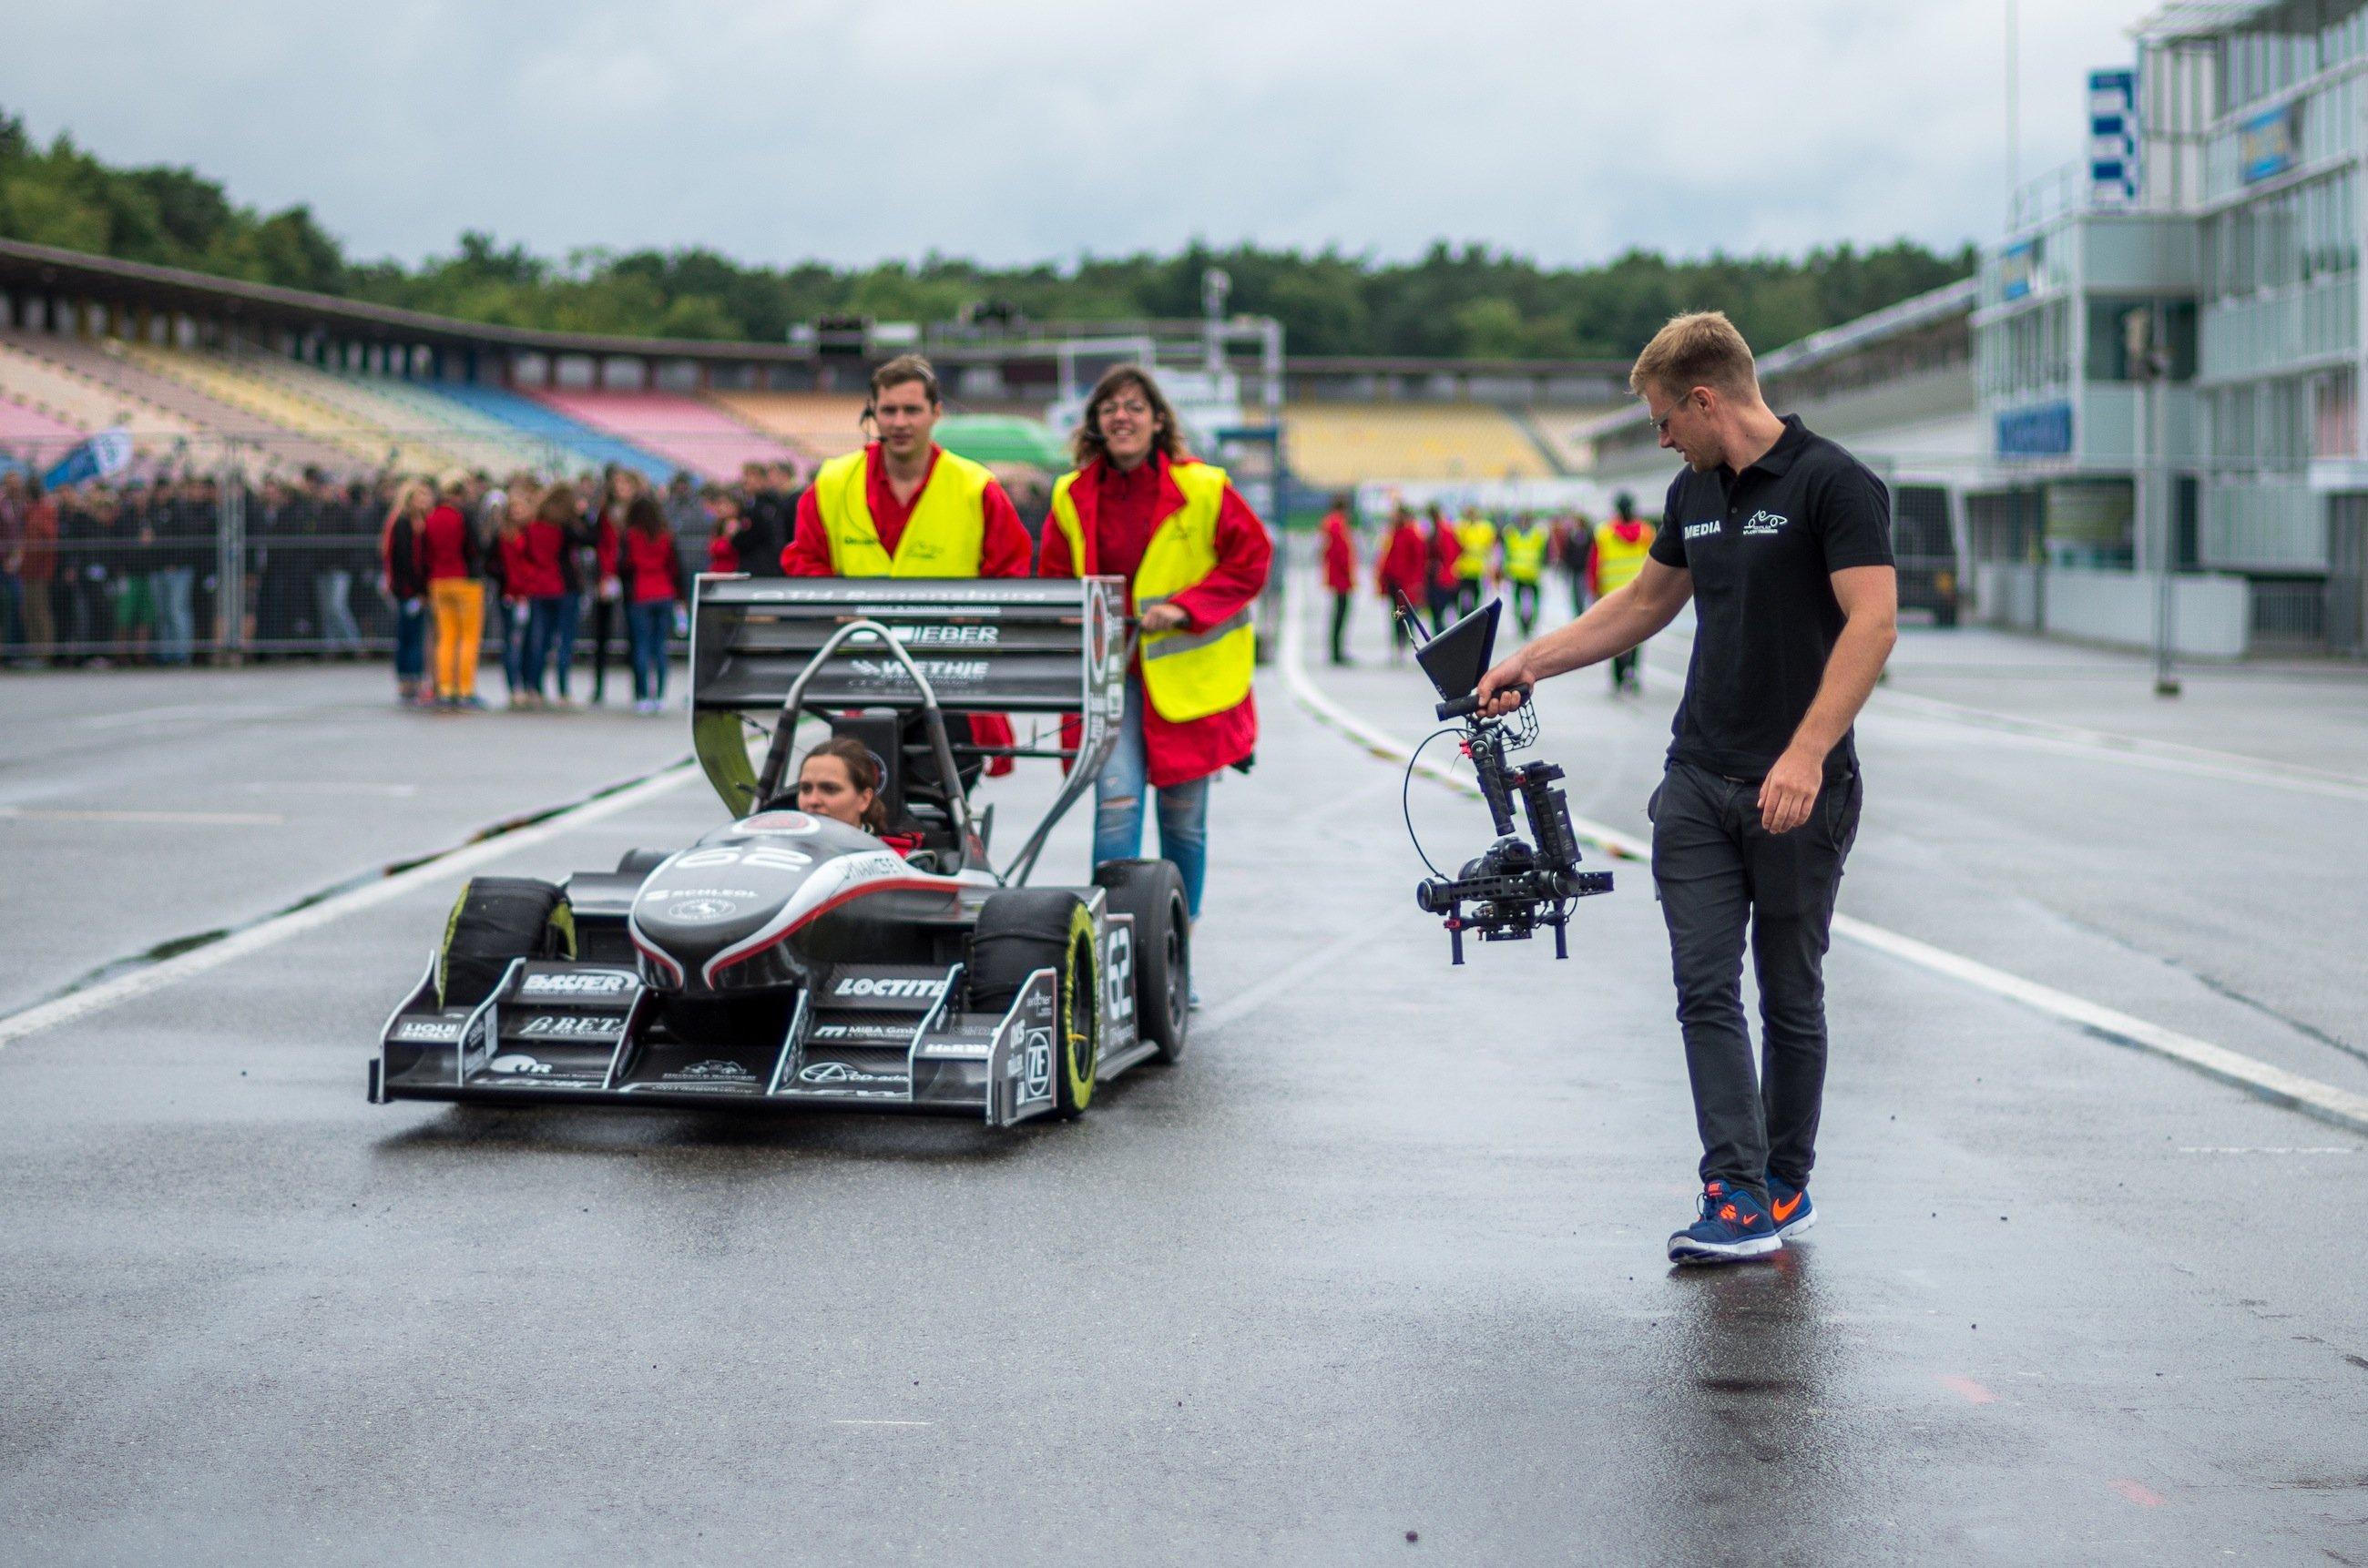 Die Teams bereiten sich auf die Rennen vor: Eine Jury bewertet unter anderem Beschleunigung und Kurvenverhalten der selbstgebauten Rennwagen.